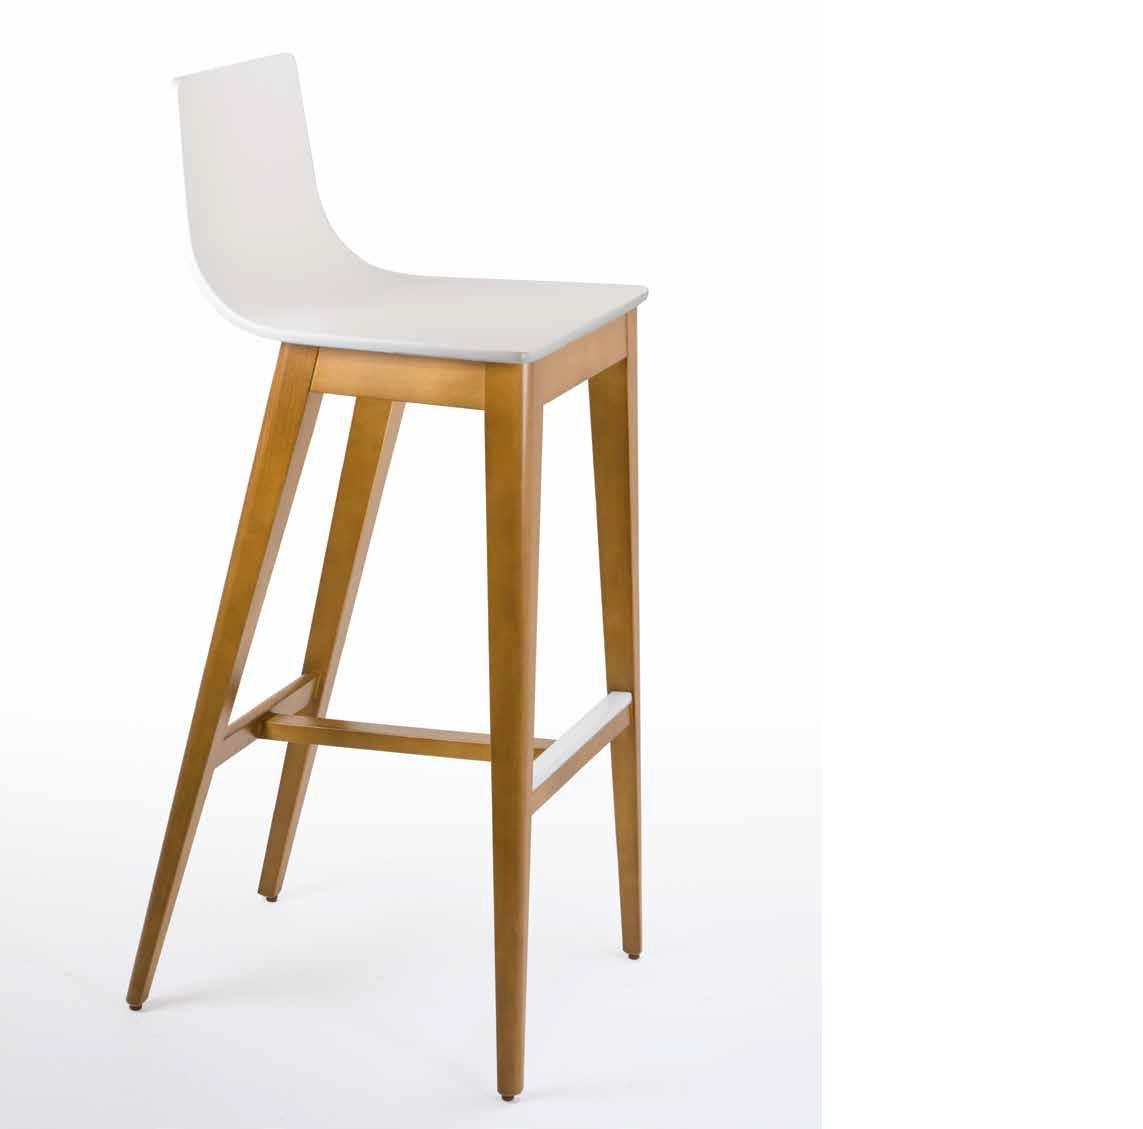 taburetes-General-muebles-paco-caballero-218-5caf7d71eefda